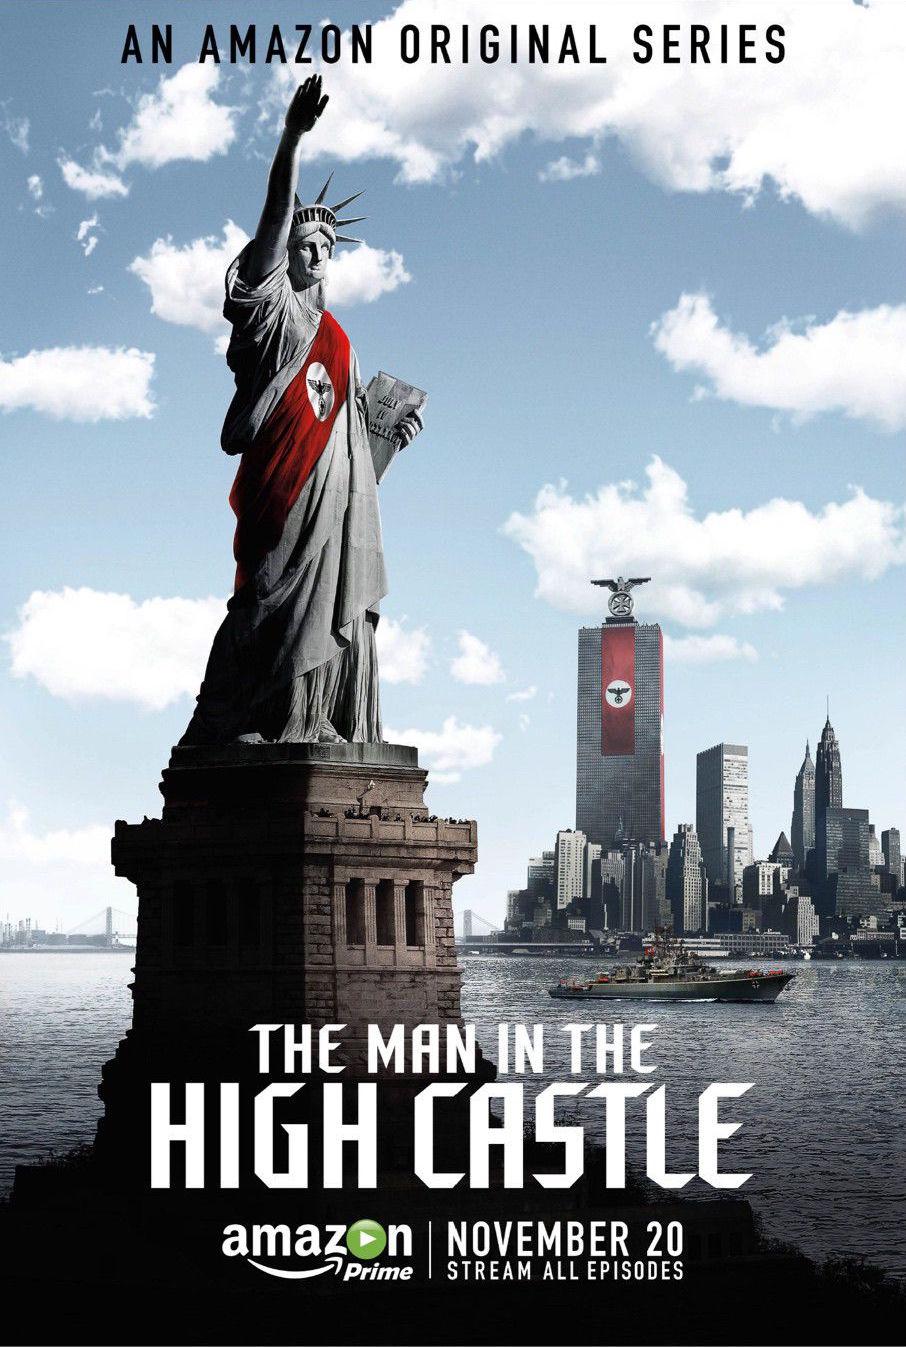 The Man in the High Castle Serie Completa Latino/Subtitulado 720p